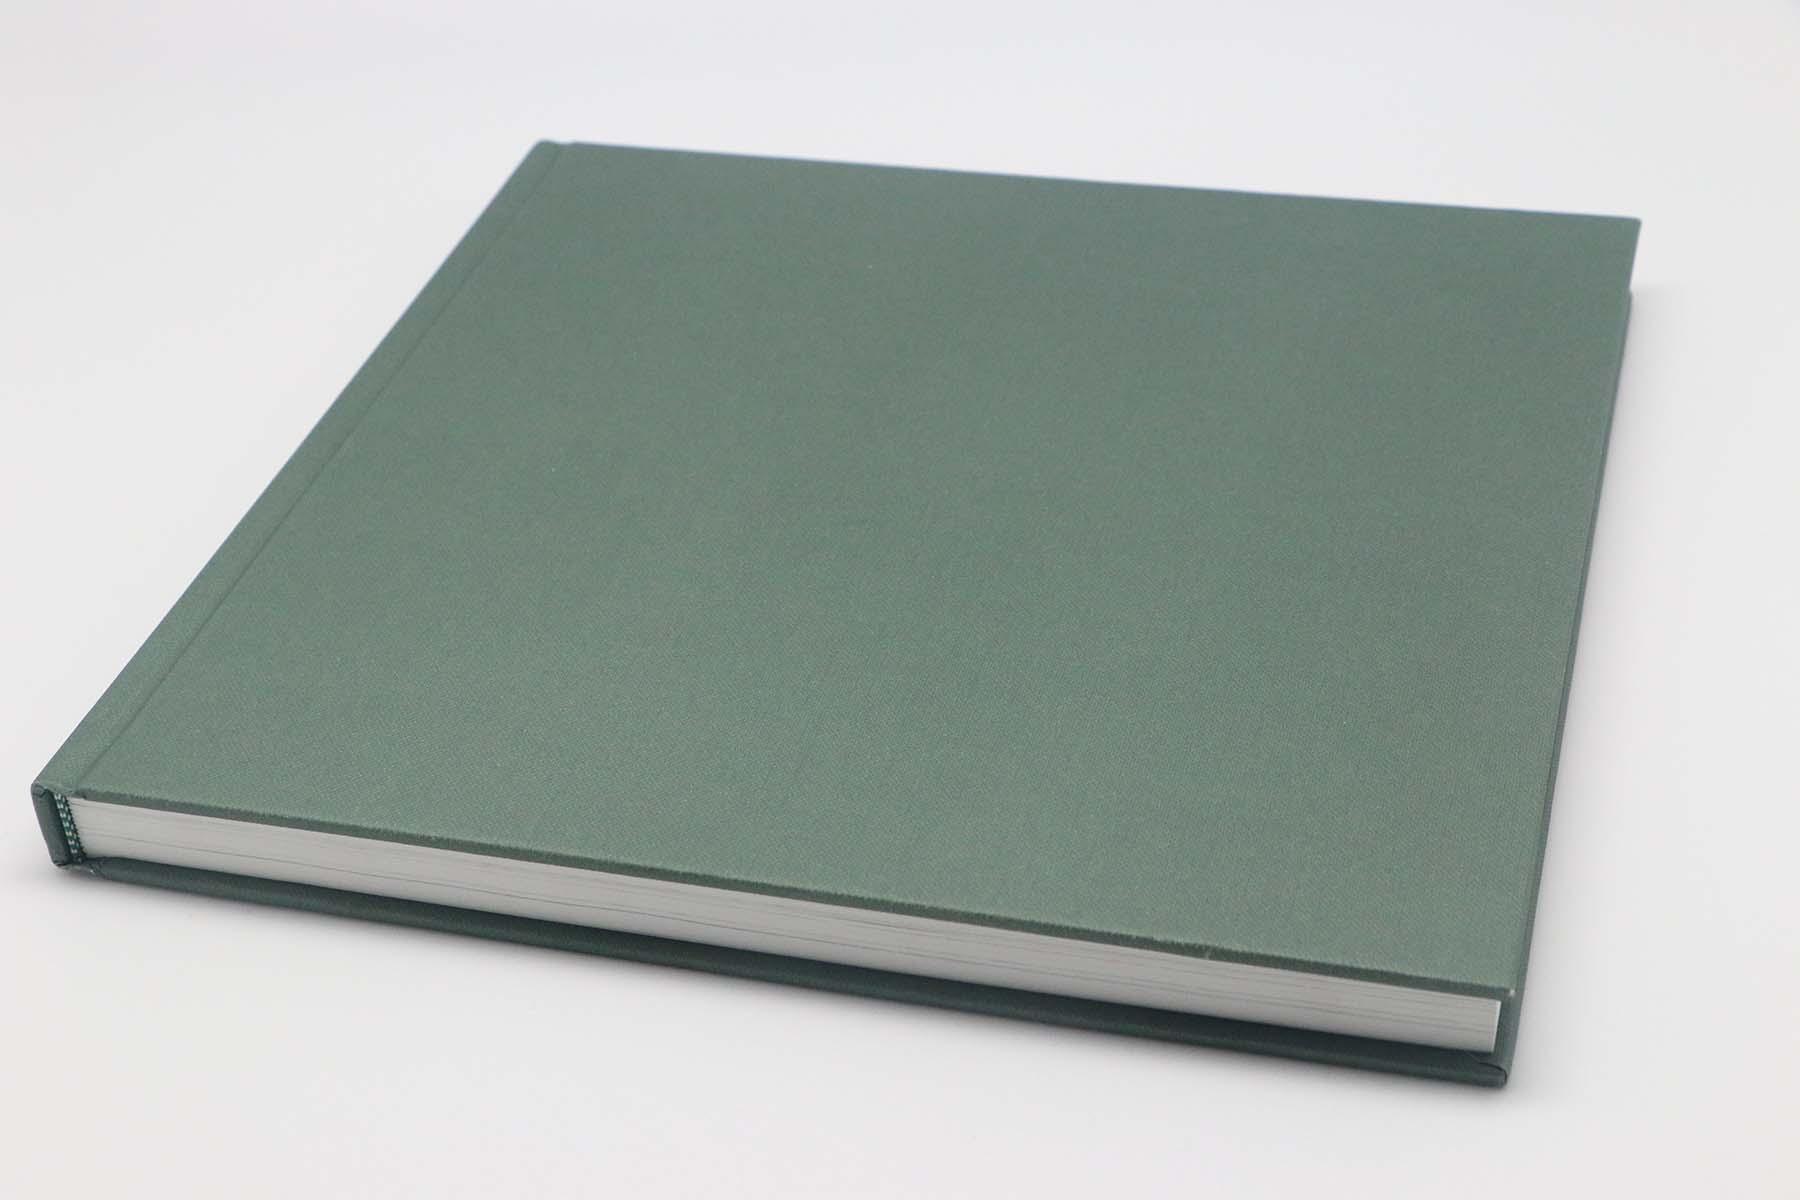 广州印刷网 广州橱柜门画册设计印刷哪家好